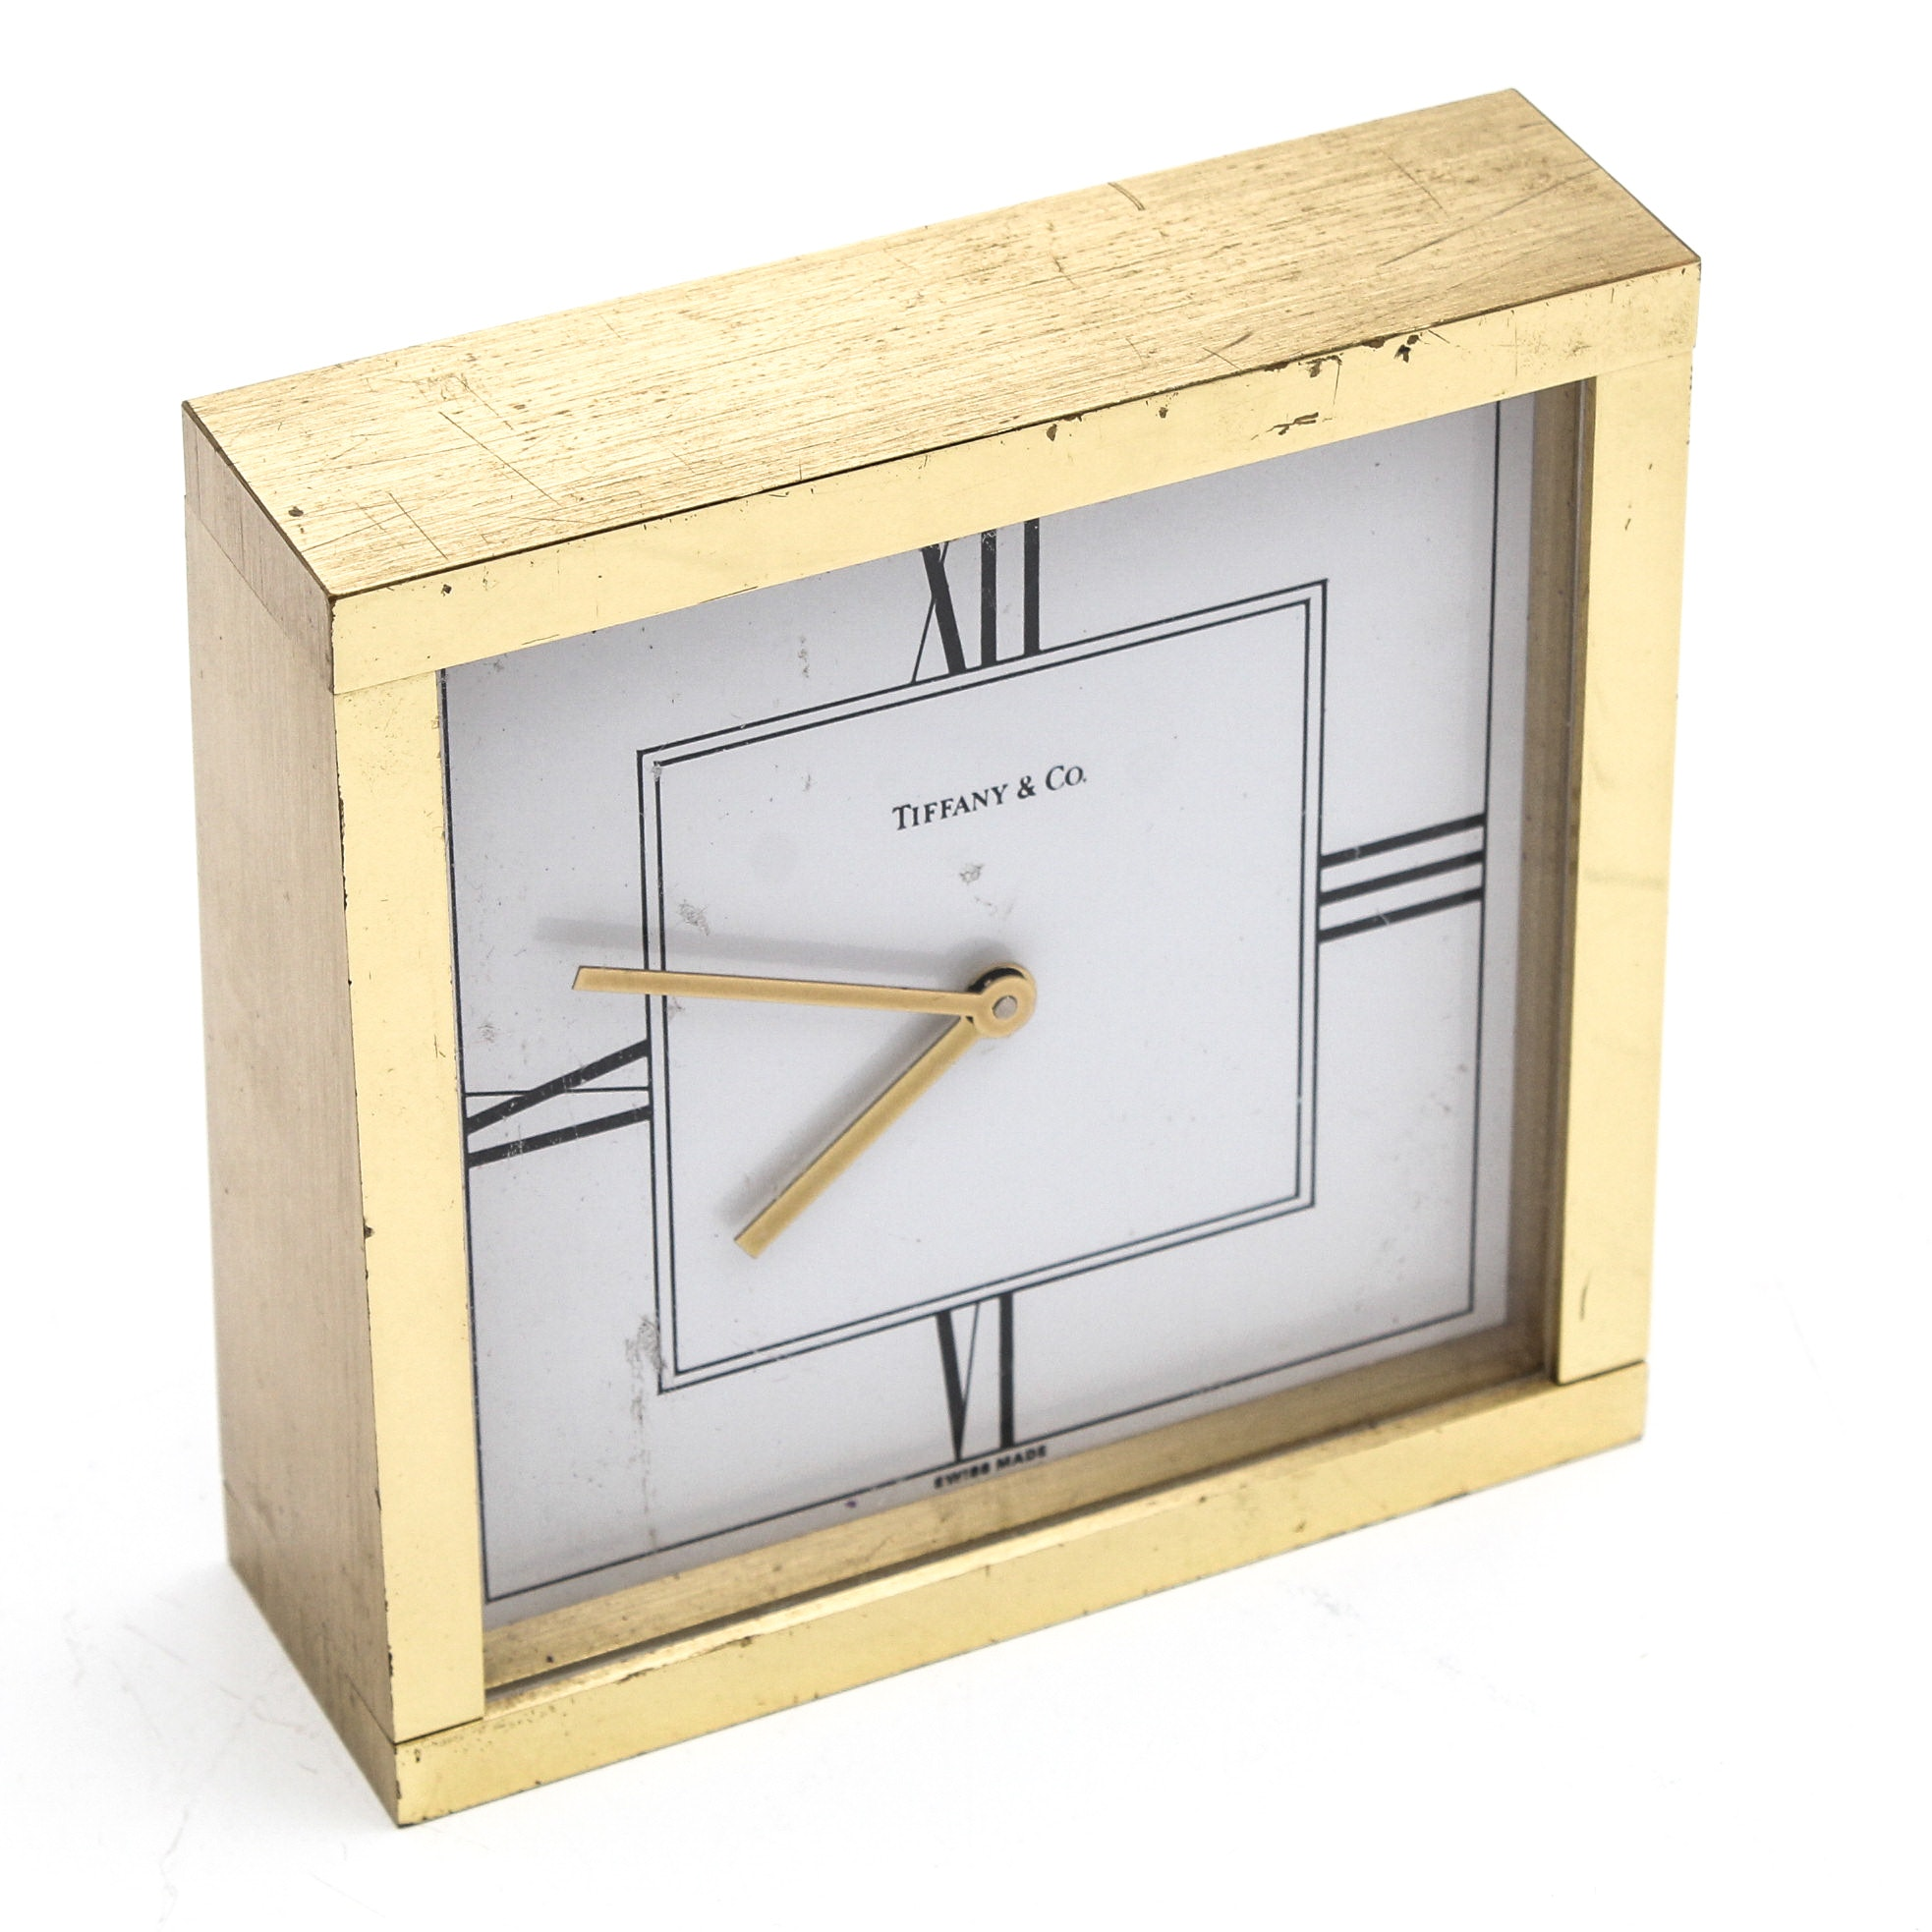 Tiffany & Co. Brass Swiss Quartz Desk Clock